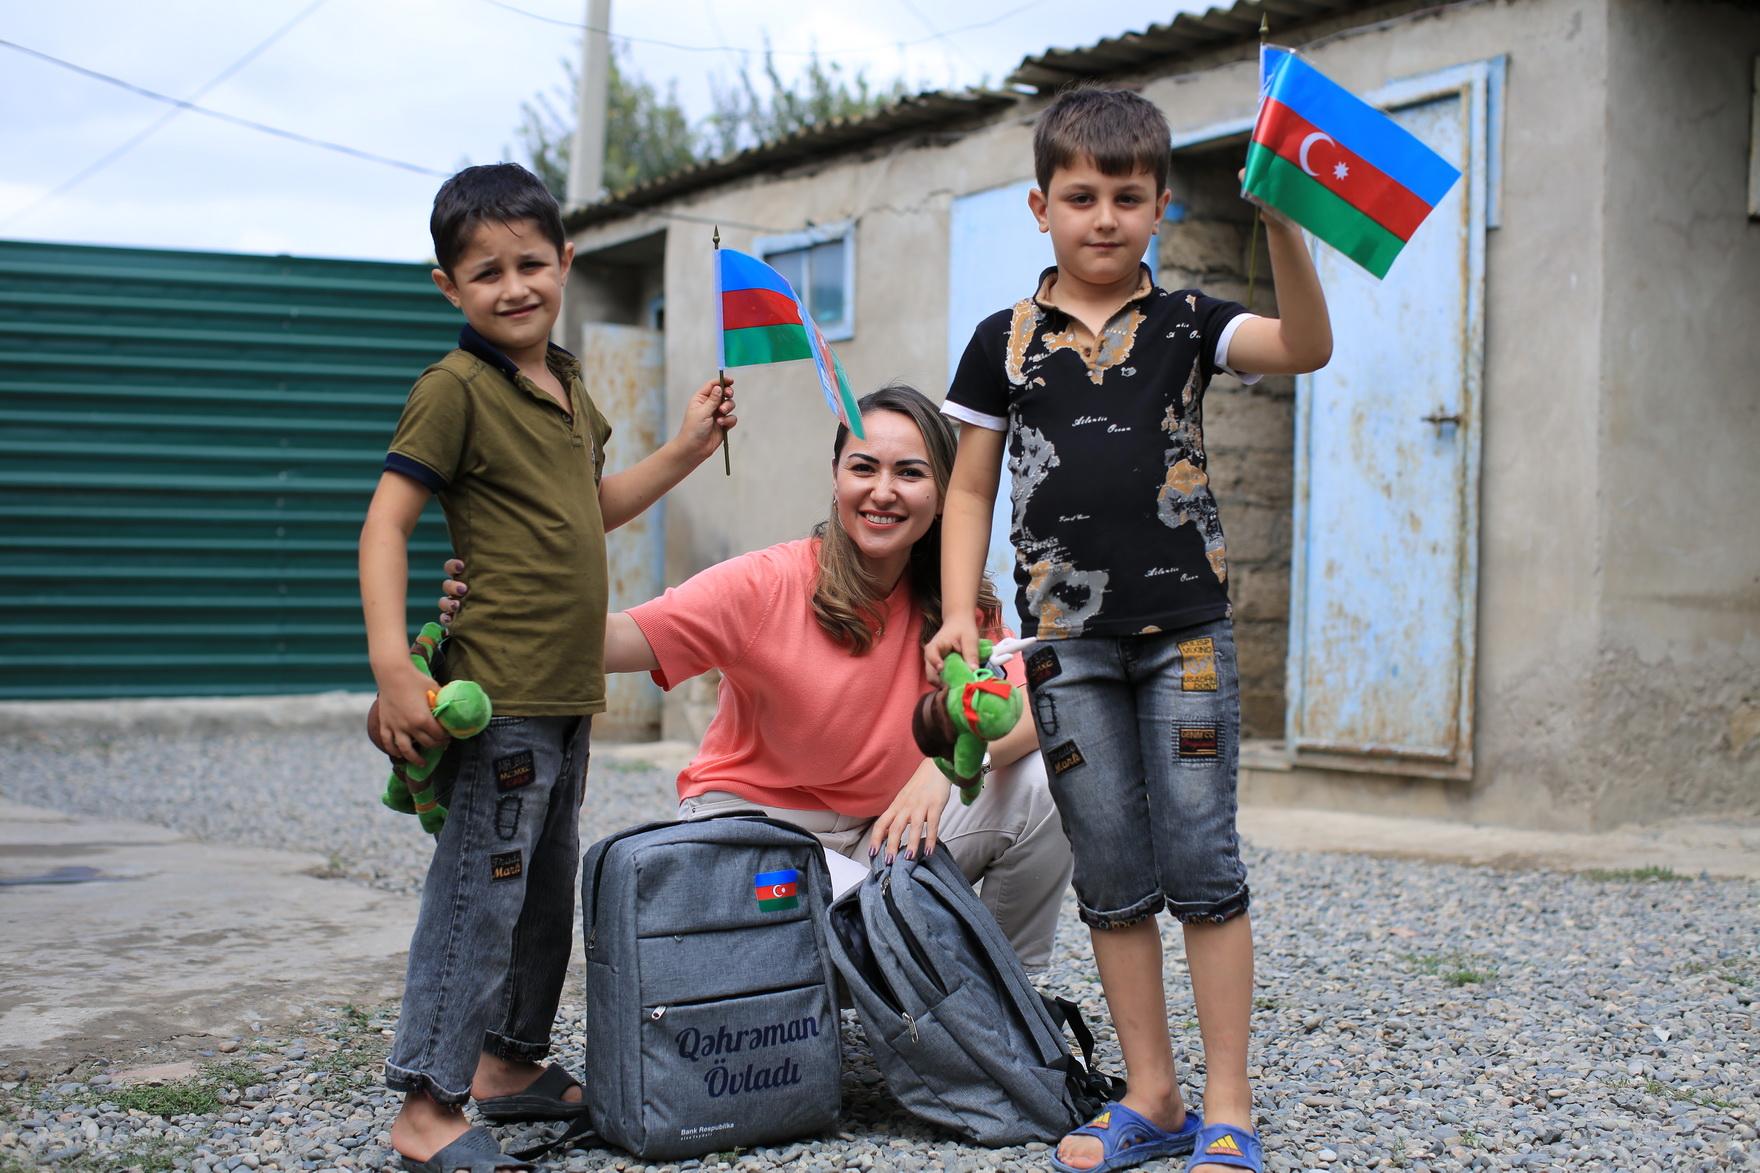 Банк Республика не оставил без внимания детей героев перед новым учебным годом!